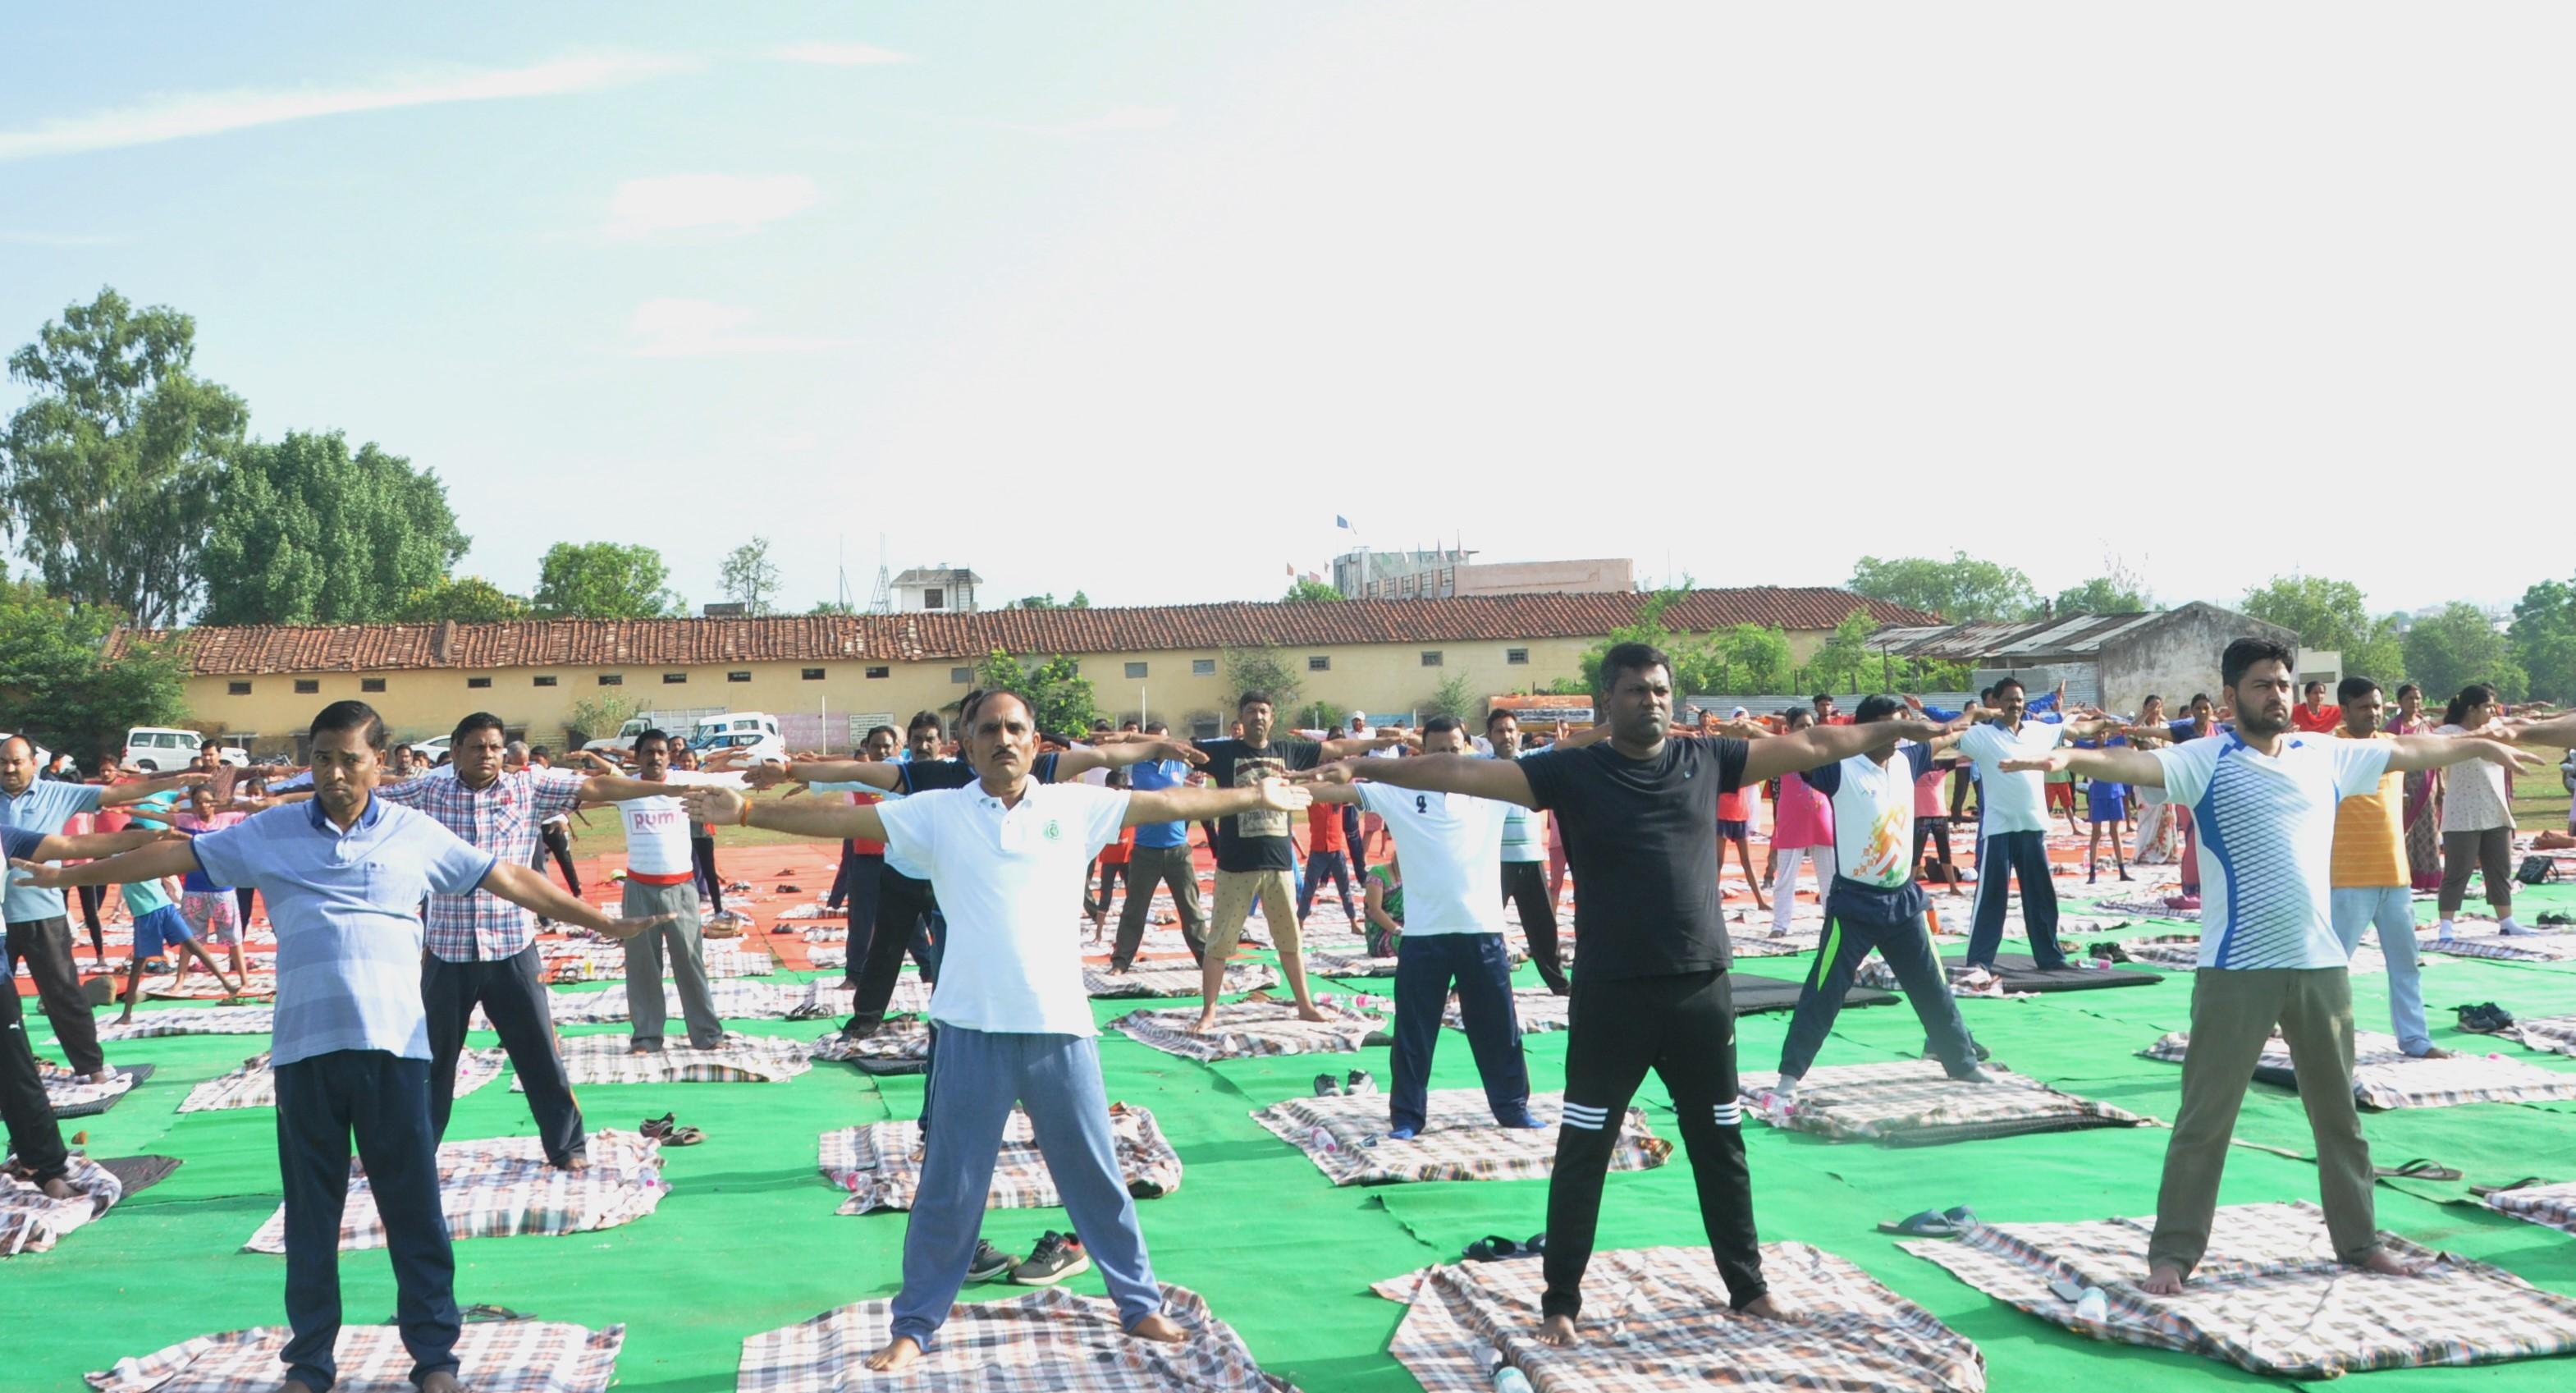 अंतर्राष्ट्रीय योग दिवस के अवसर पर सभी ने किया सामूहिक योग